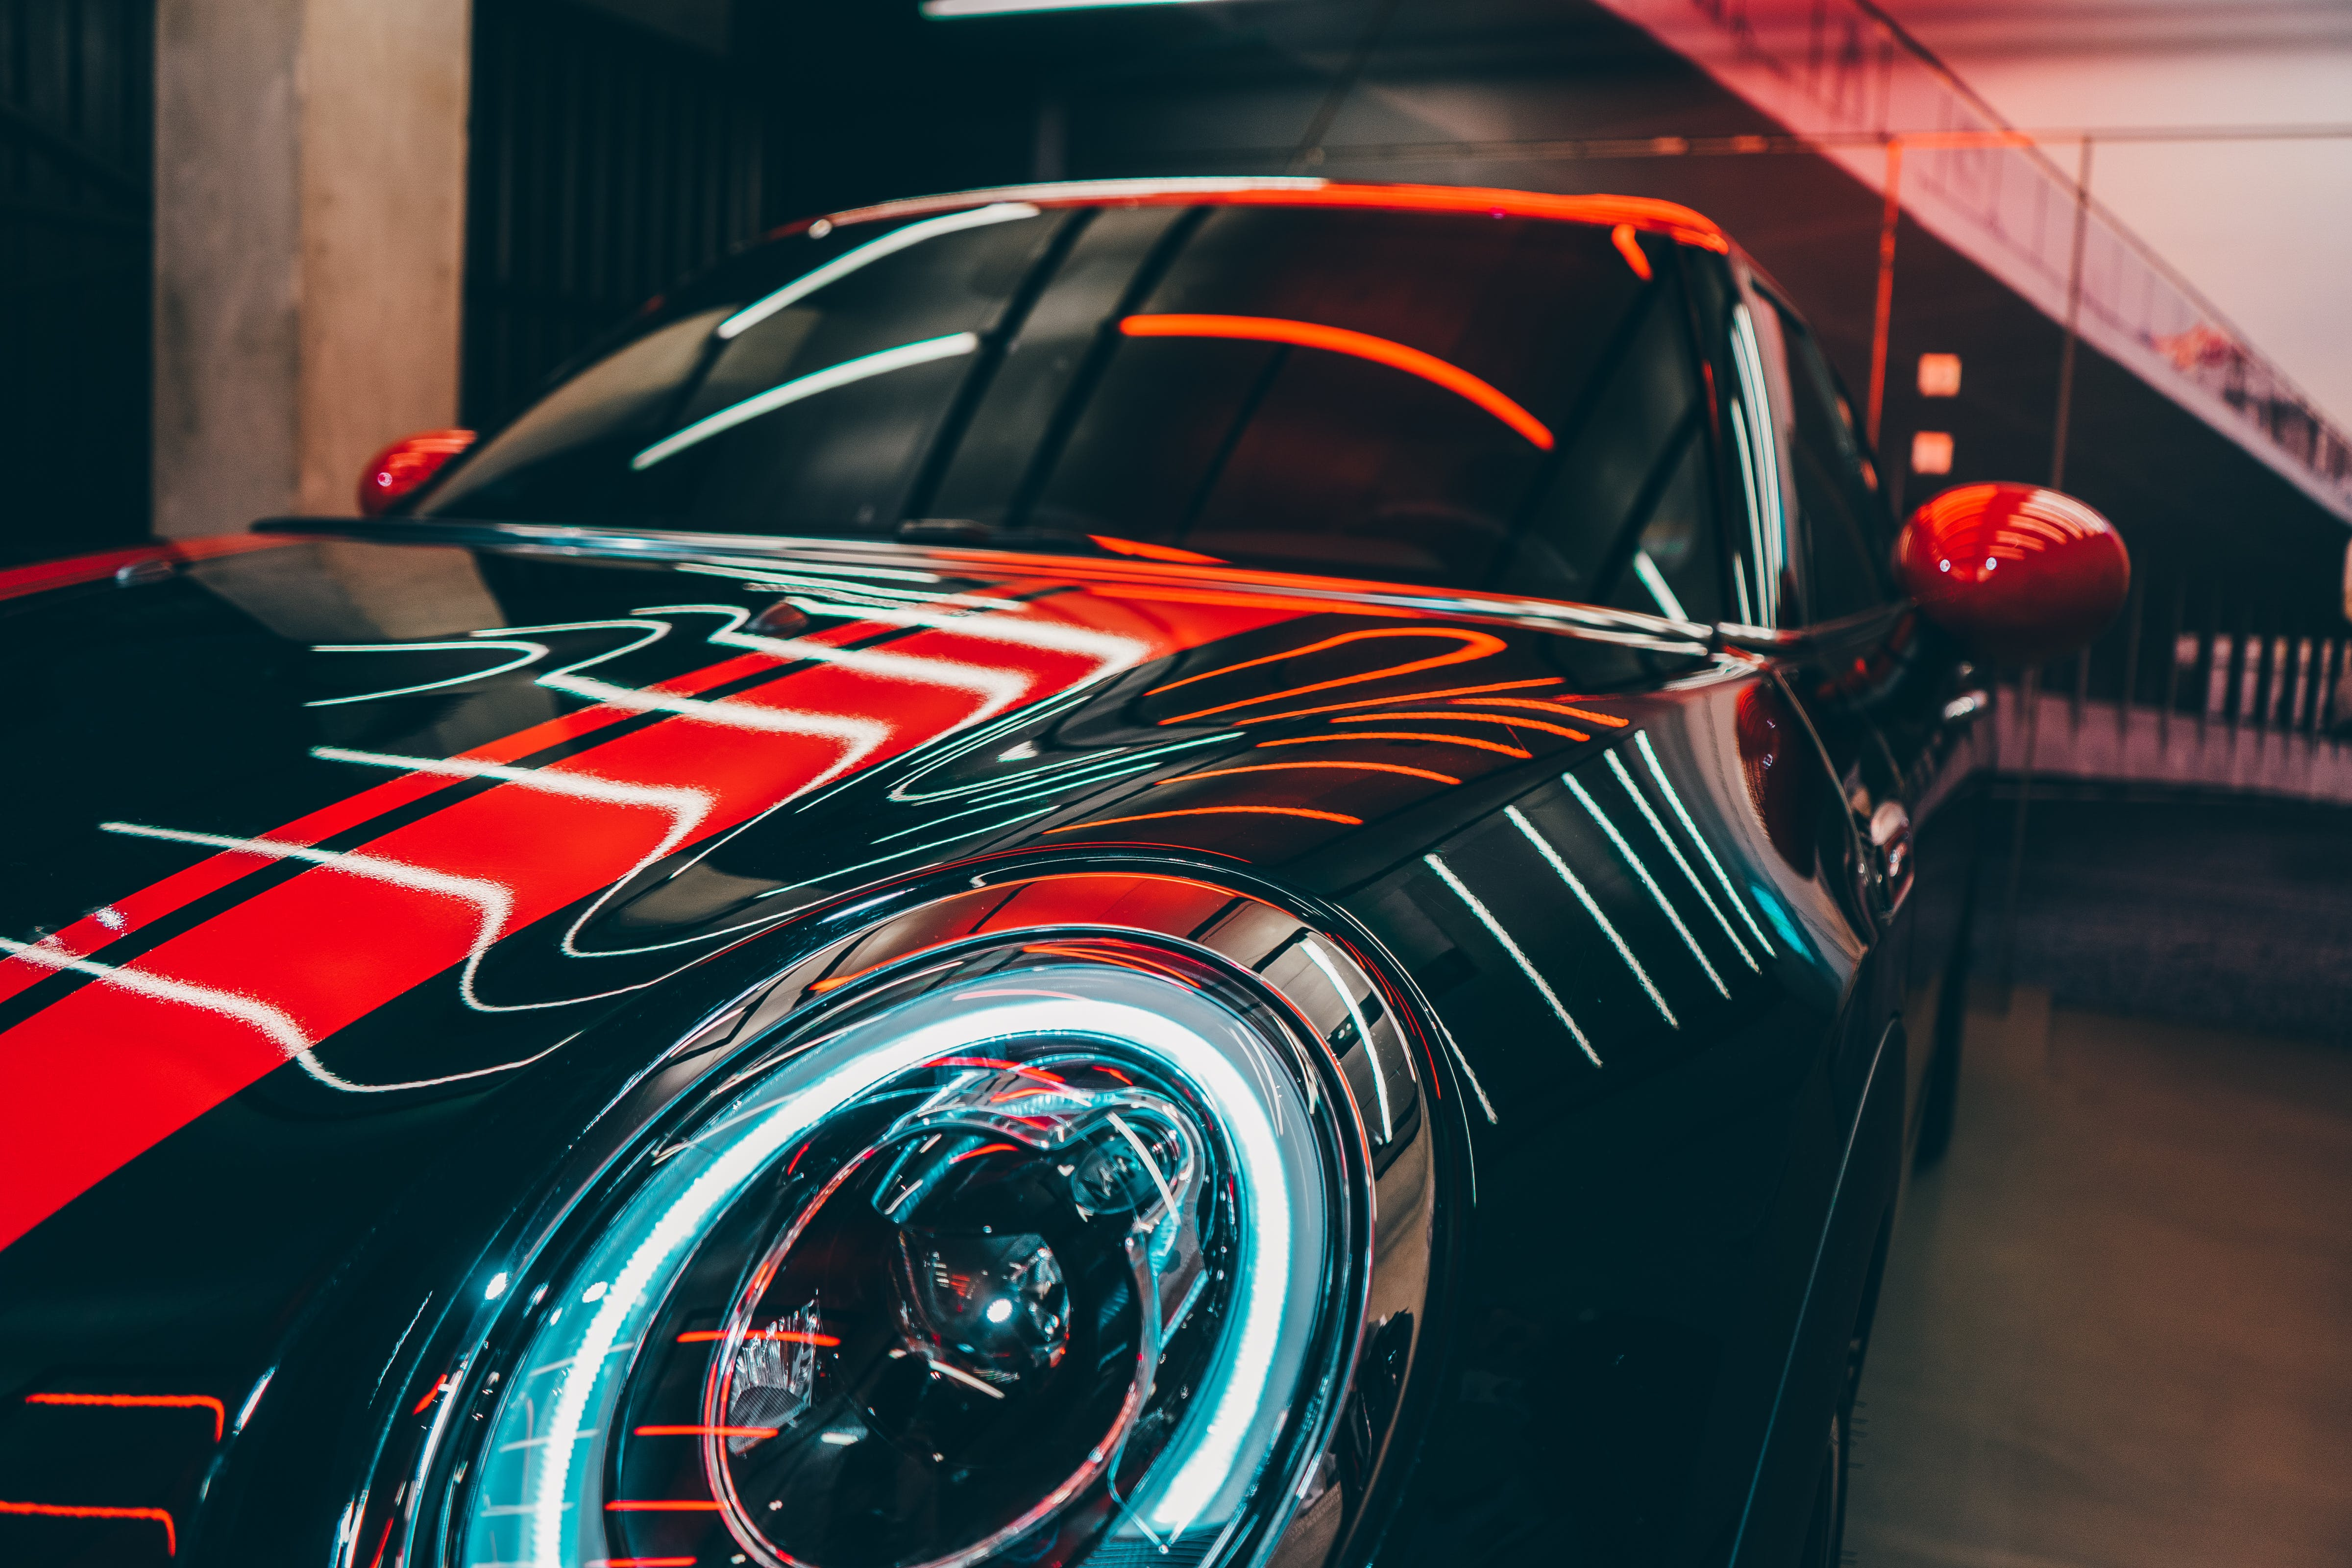 Black Porsche Vehicle